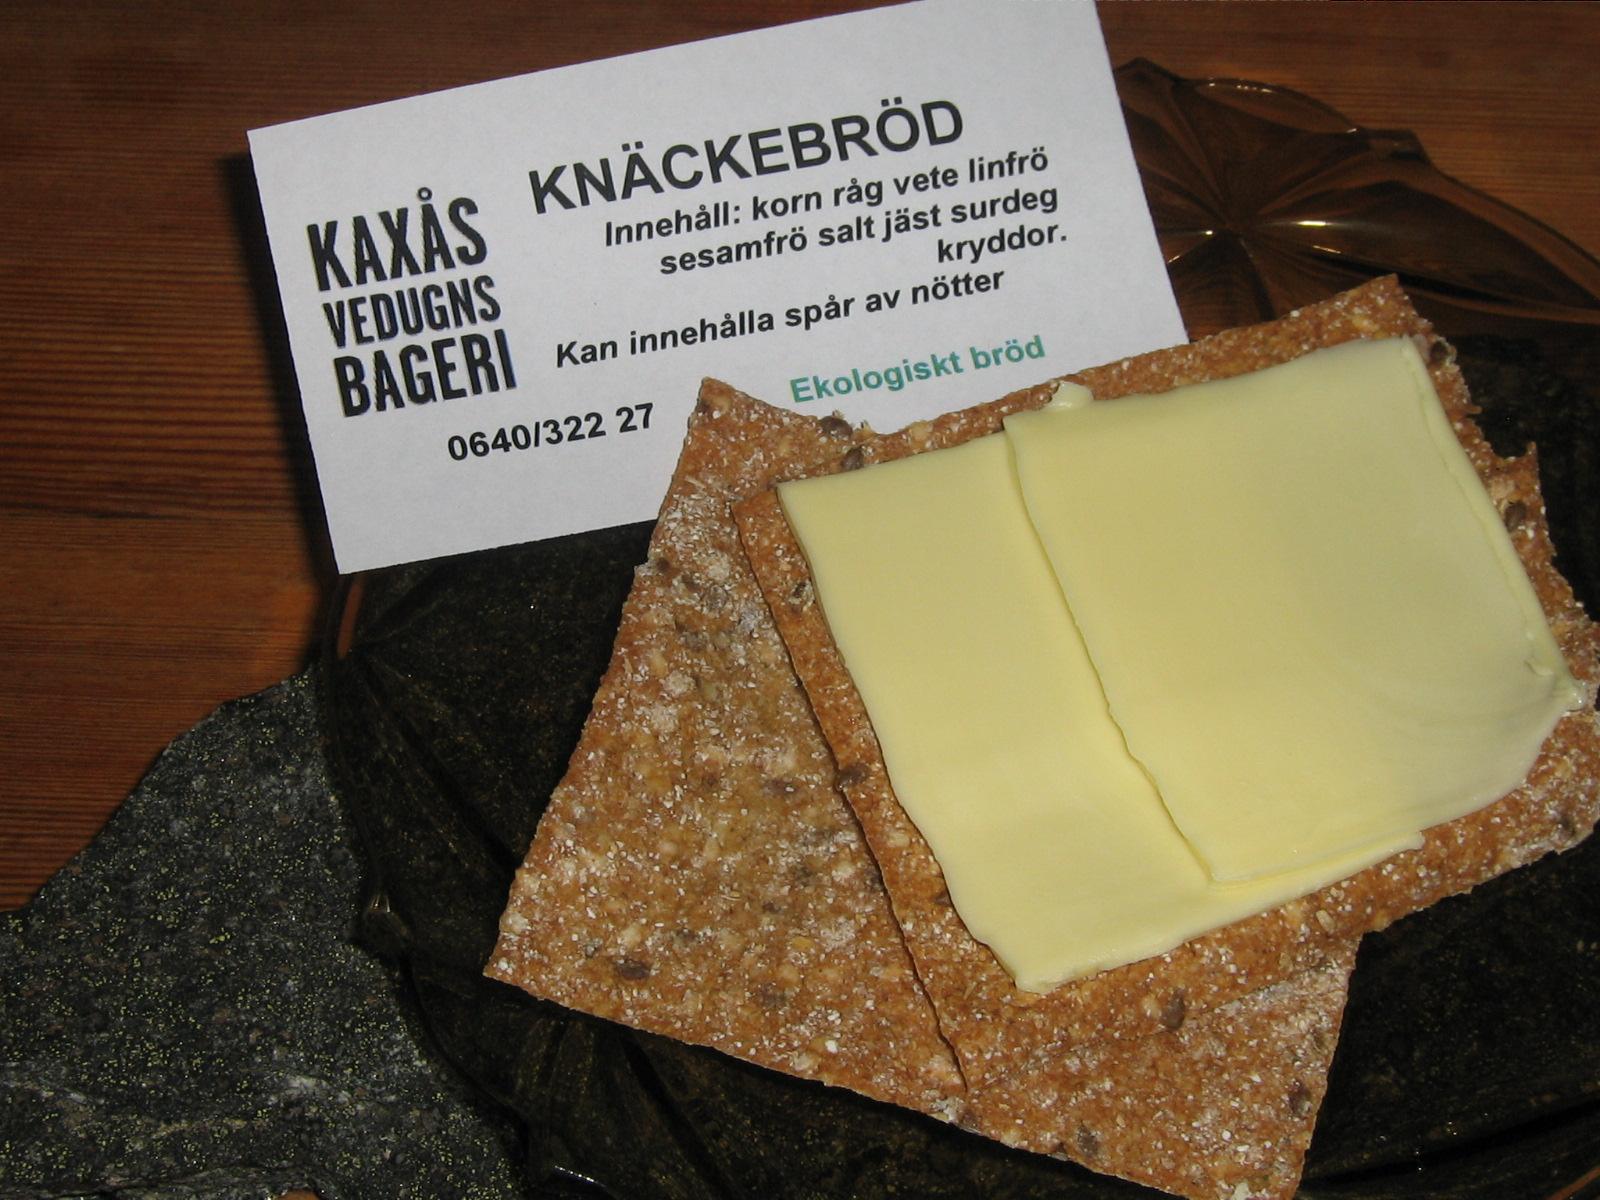 Tunt Knäckebröd på Surdeg från Kaxås Vedugnsbageri